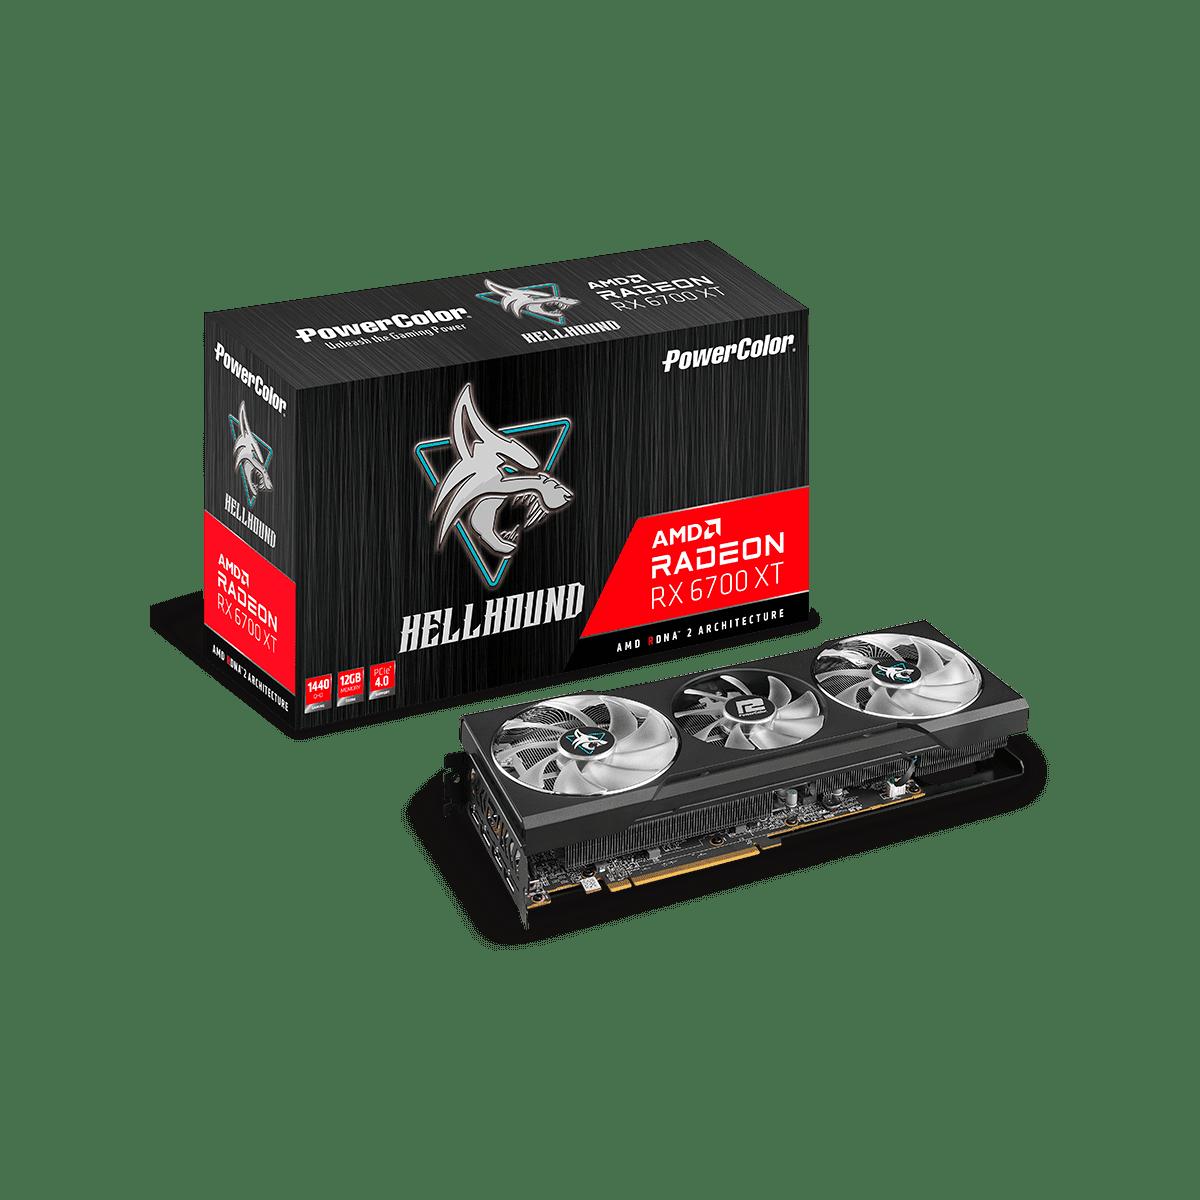 グラフィックボード・ビデオカード POWERCOLOR Radeon RX 6700 XT  AMD AXRX 6700XT 12GBD6-3DHL [AXRX6700XT12GBD63DHL]